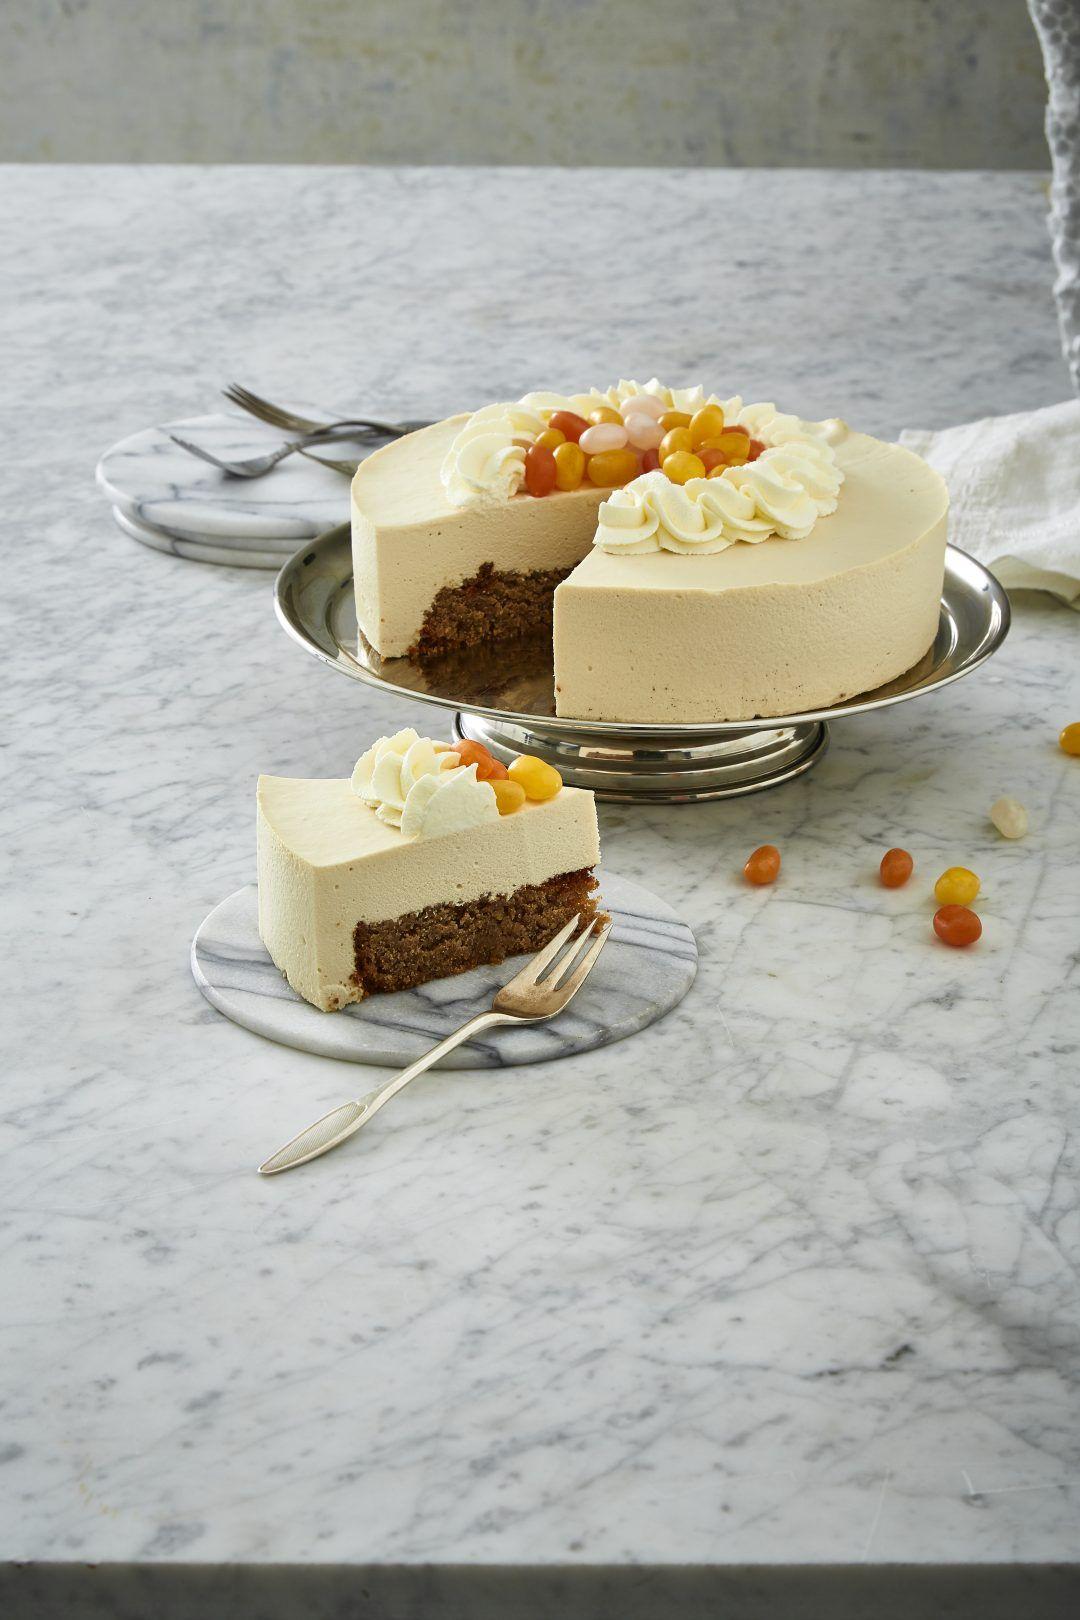 Glutenfri Kaffe Nougat Kage Med Bailey Mousse Med Billeder Food Cakes Dessertopskrifter Kageopskrifter